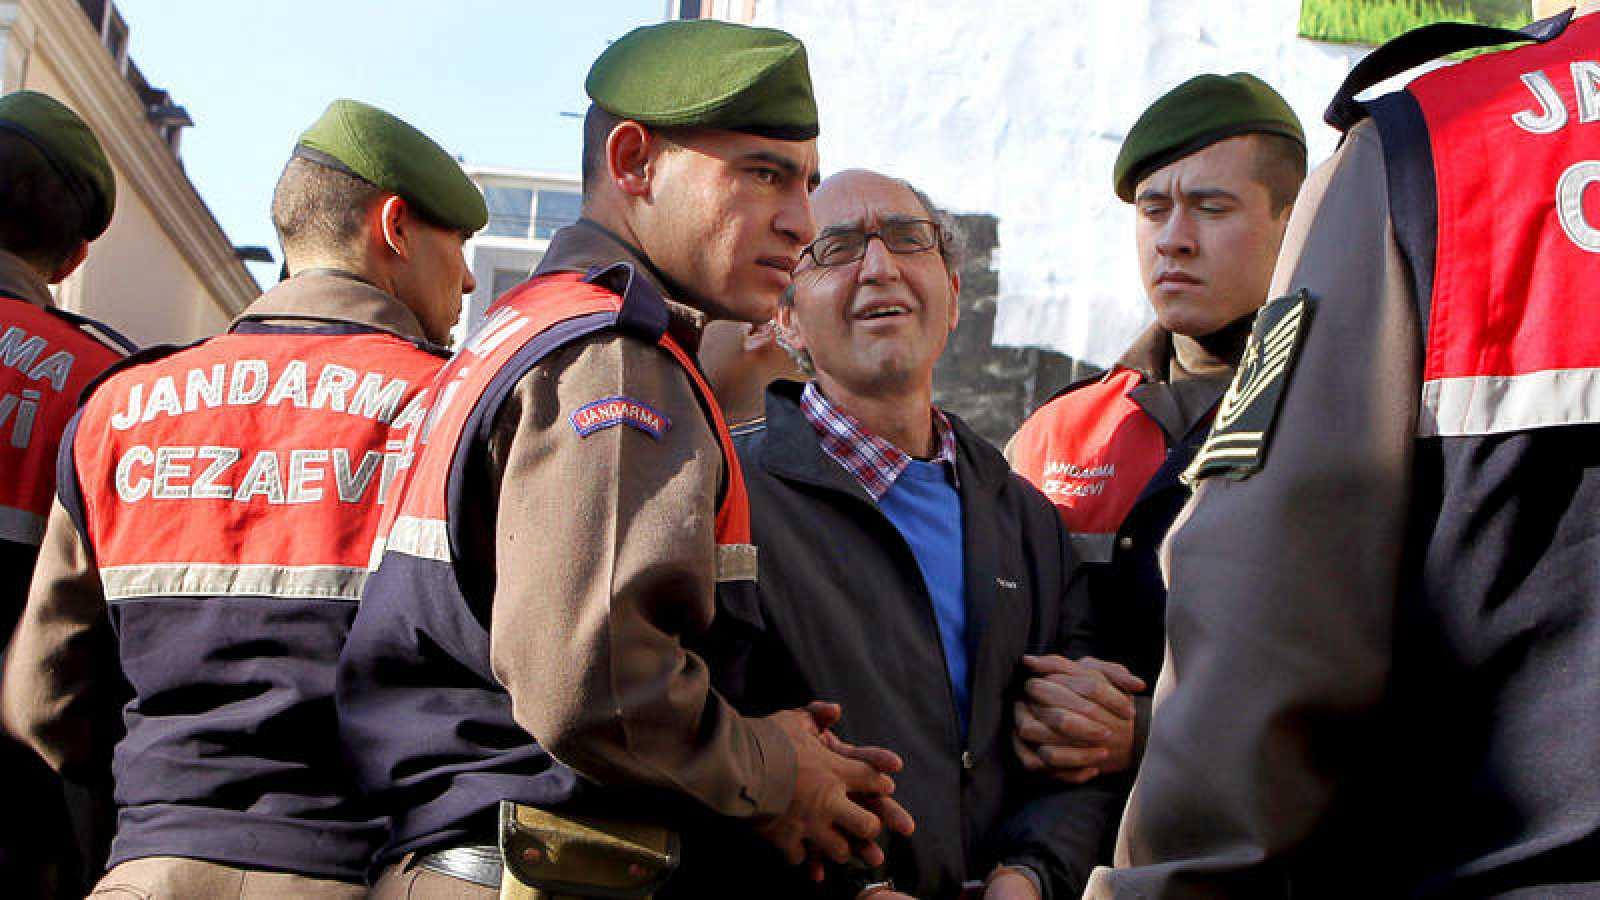 El escritor, Dogan Akhanli (c), en una foto de archivo cuando fue arrestado en agosto de 2010 durante una visita a Turquía, acusado de robo armado en una casa de cambios en 1989.